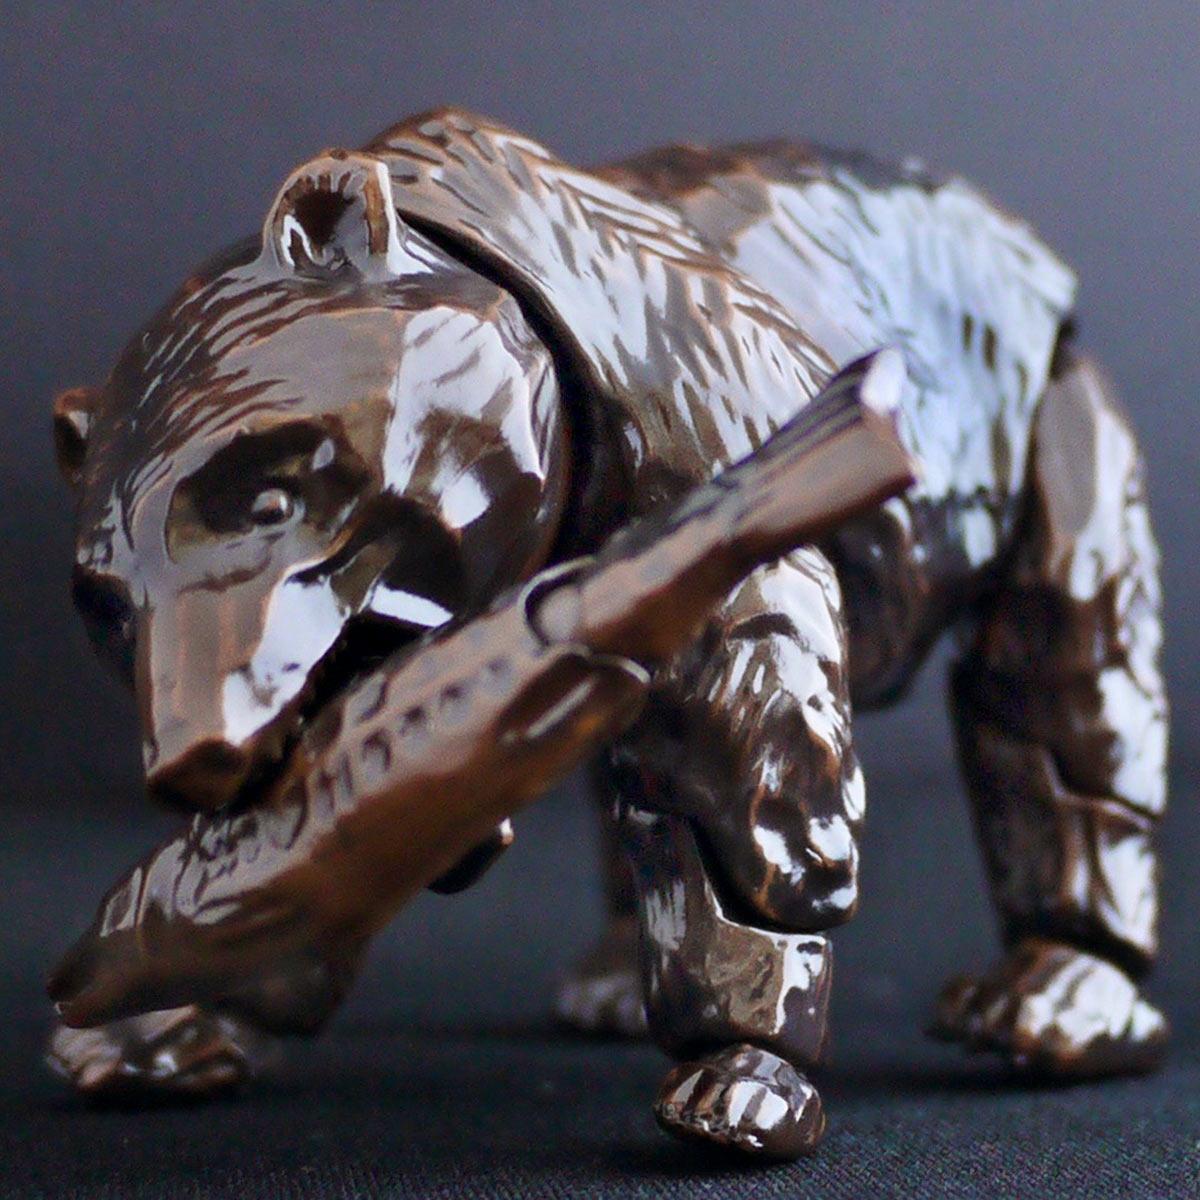 あの「木彫りの熊」が立つ!? 座る!? 謎すぎる可動フィギュアが誕生w